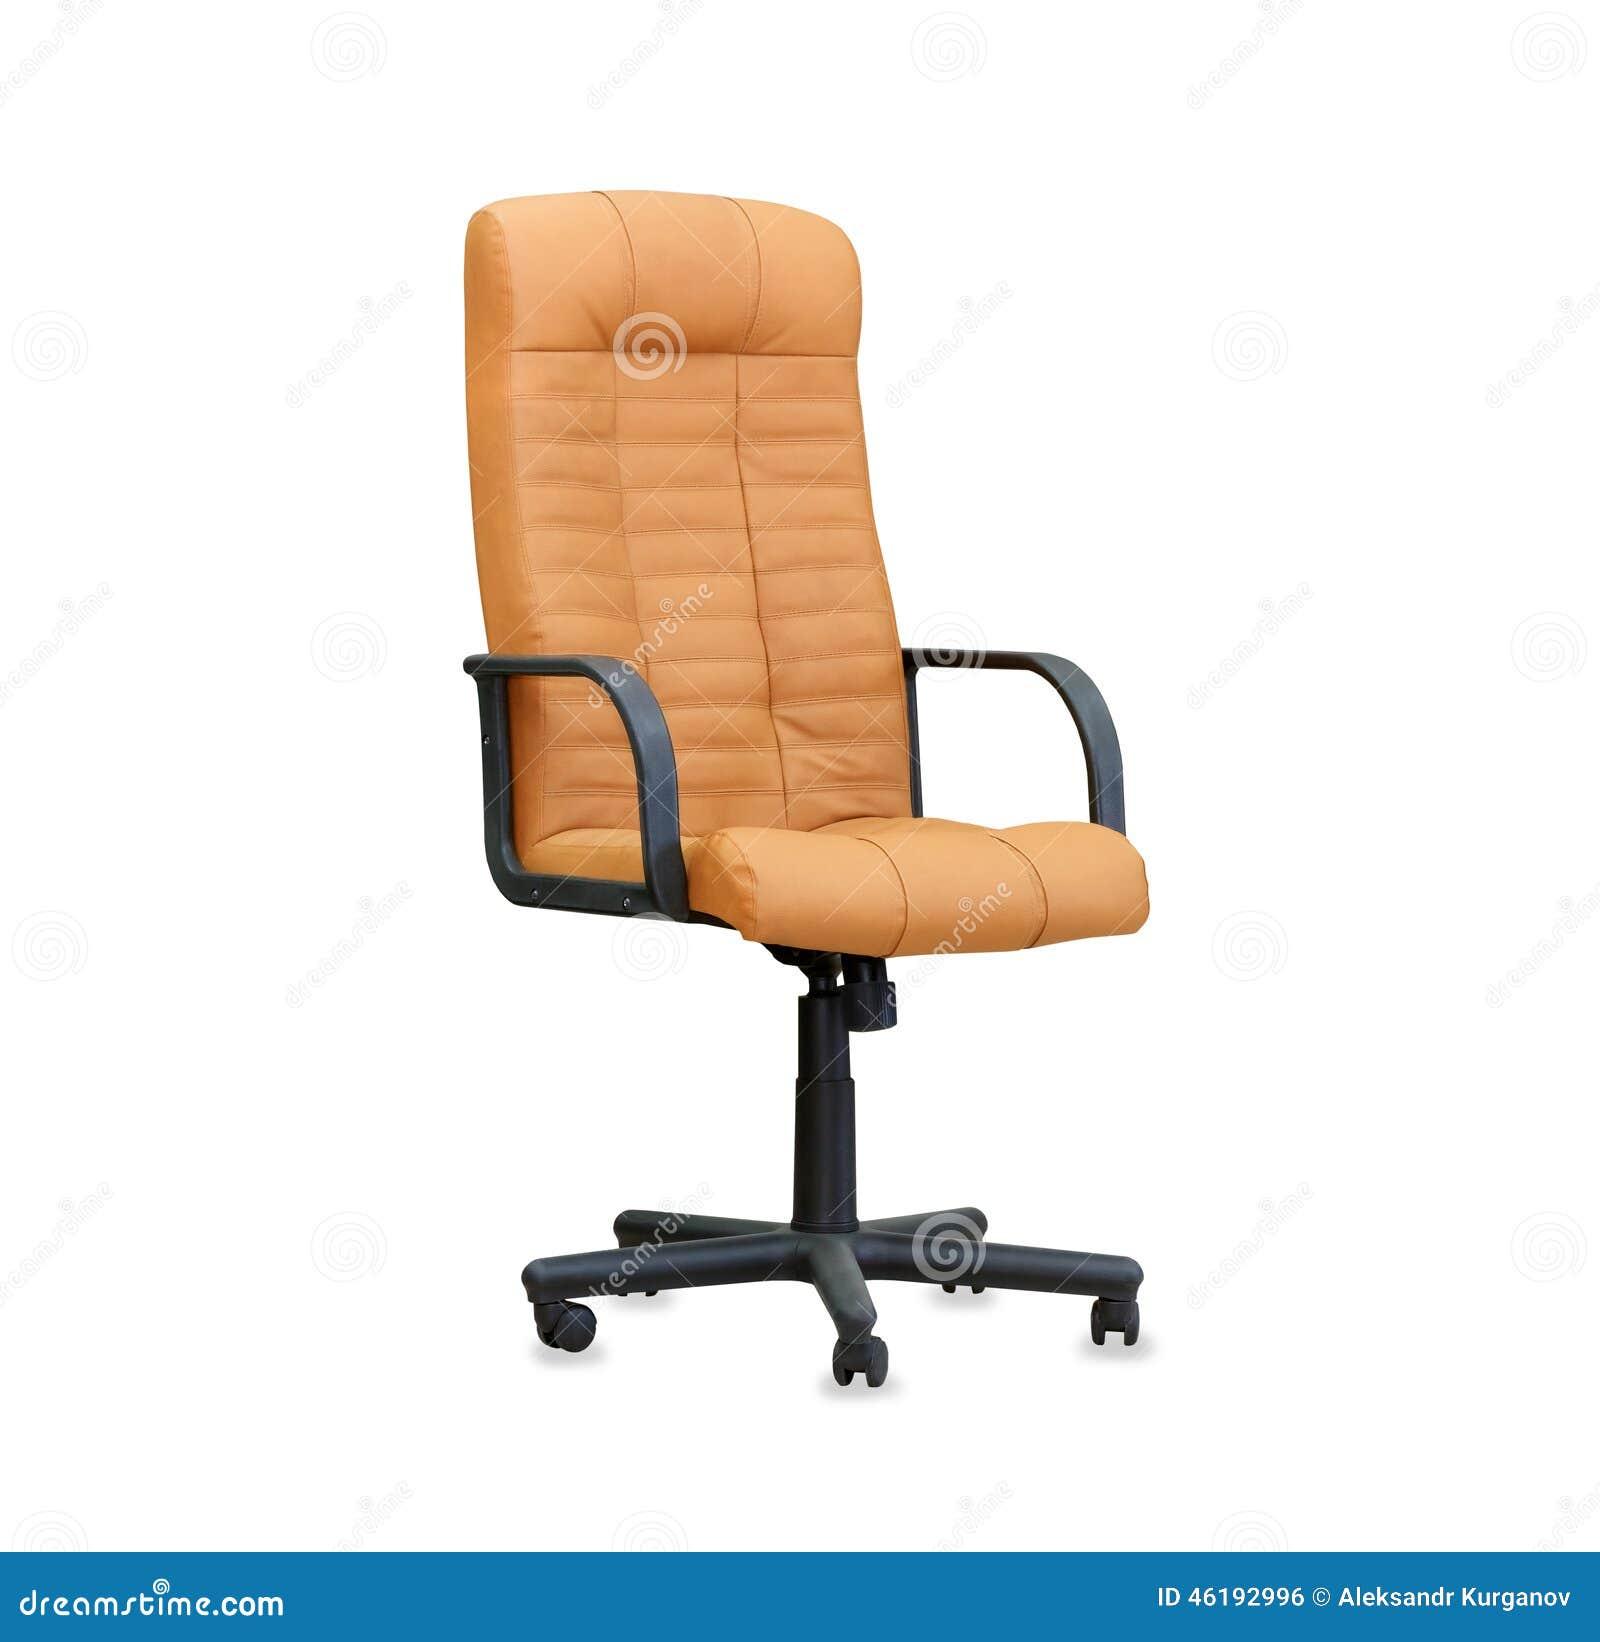 der b rostuhl vom beige leder getrennt stockfoto bild 46192996. Black Bedroom Furniture Sets. Home Design Ideas